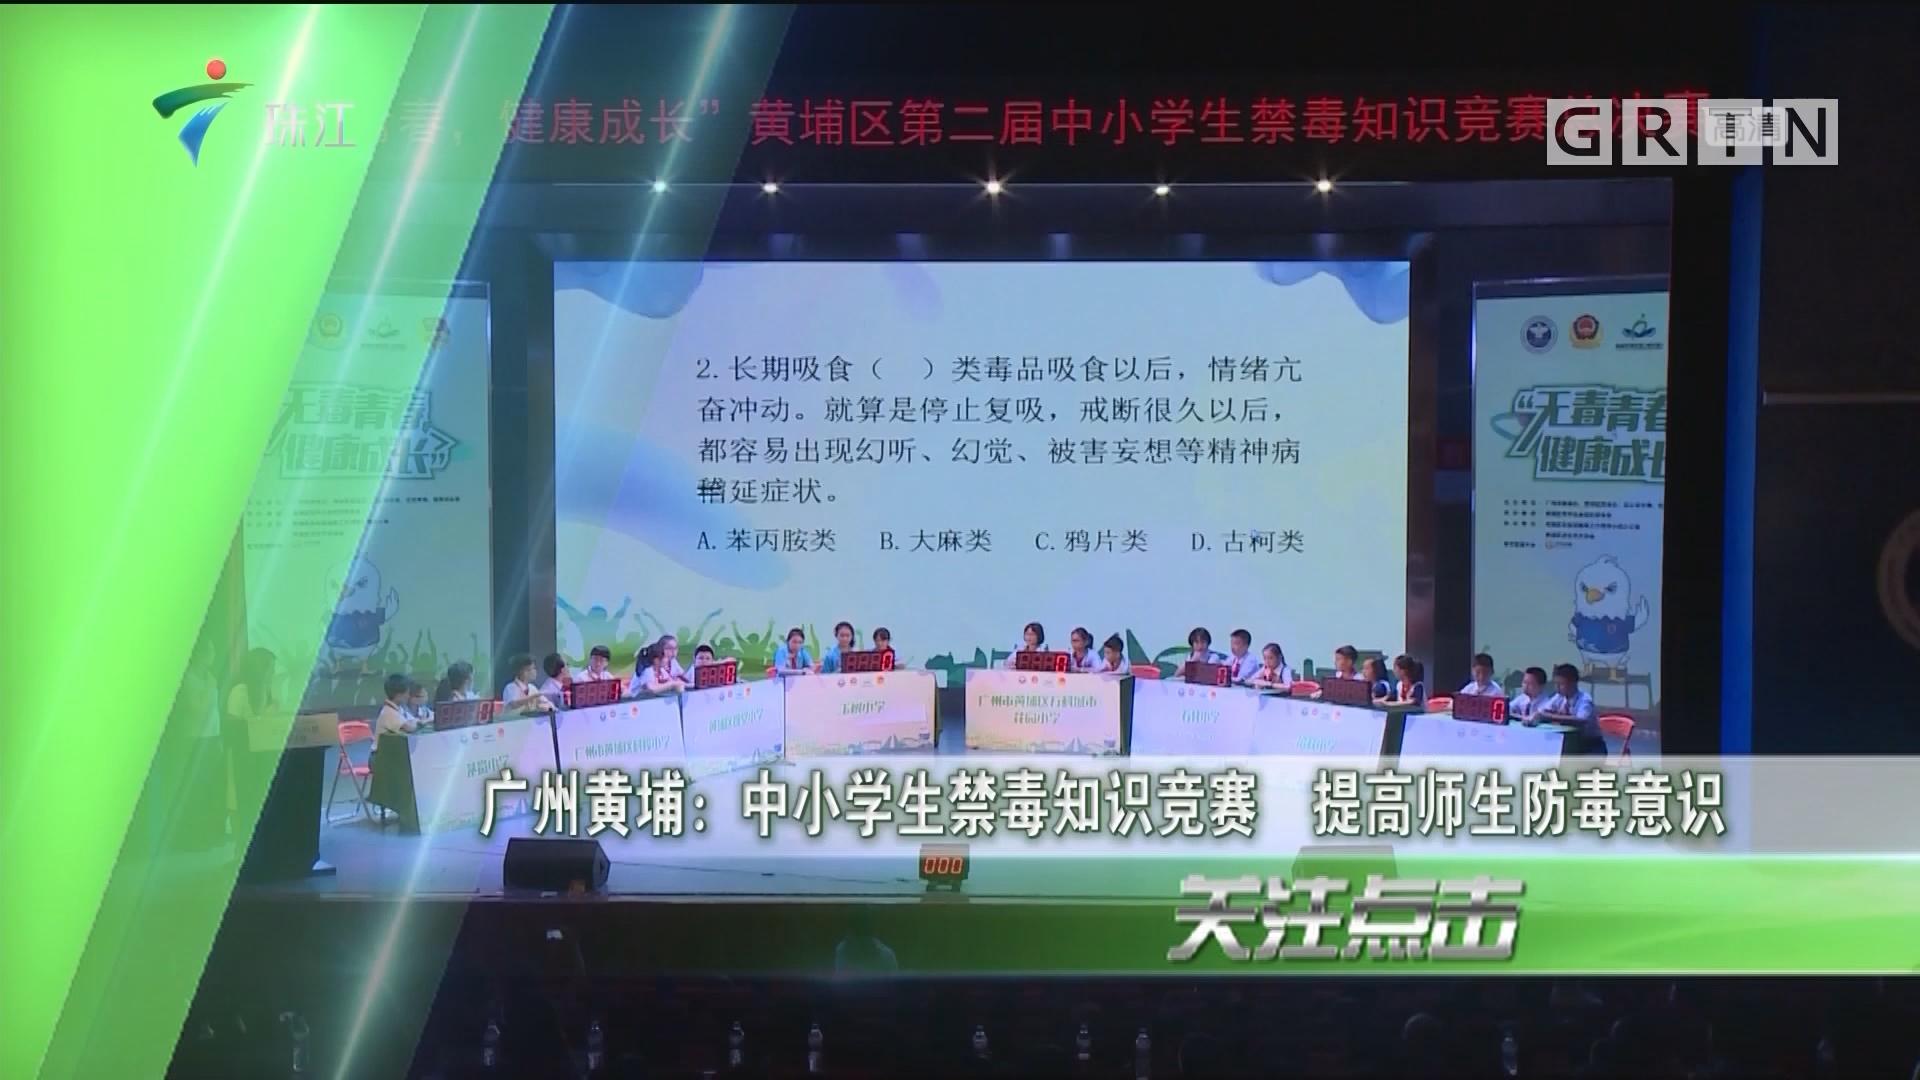 广州黄埔:中小学生禁毒知识竞赛 提高师生防毒意识